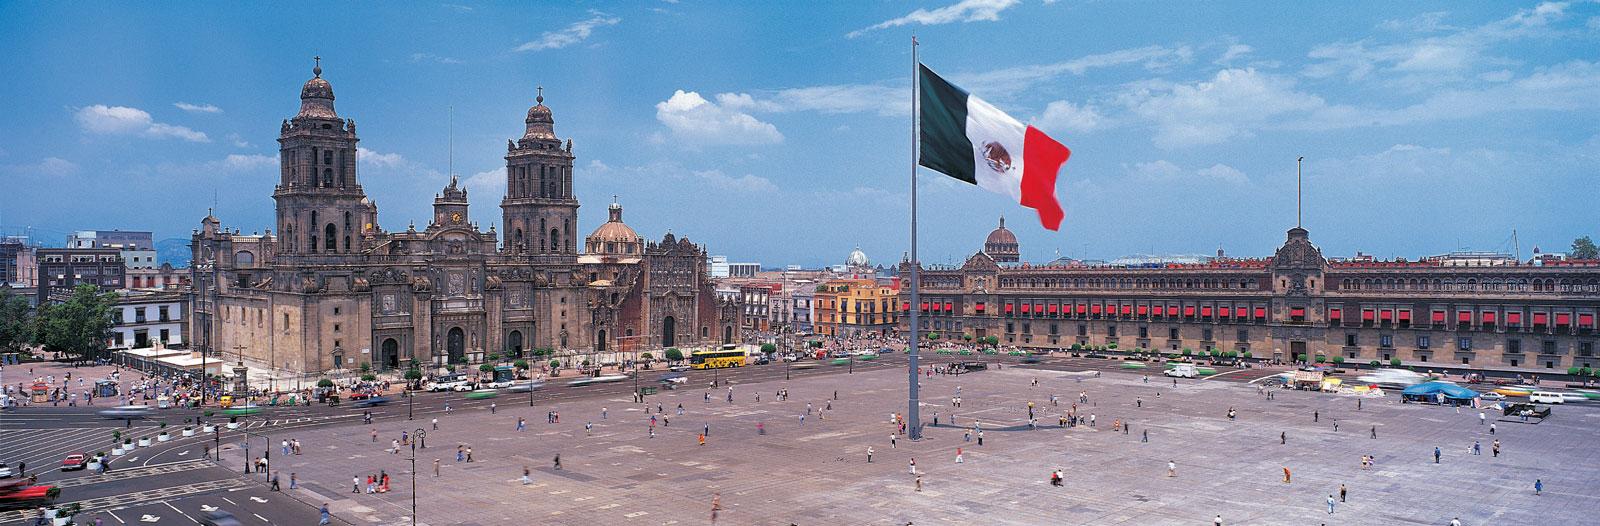 میدان زوکالو مکزیکوسیتی